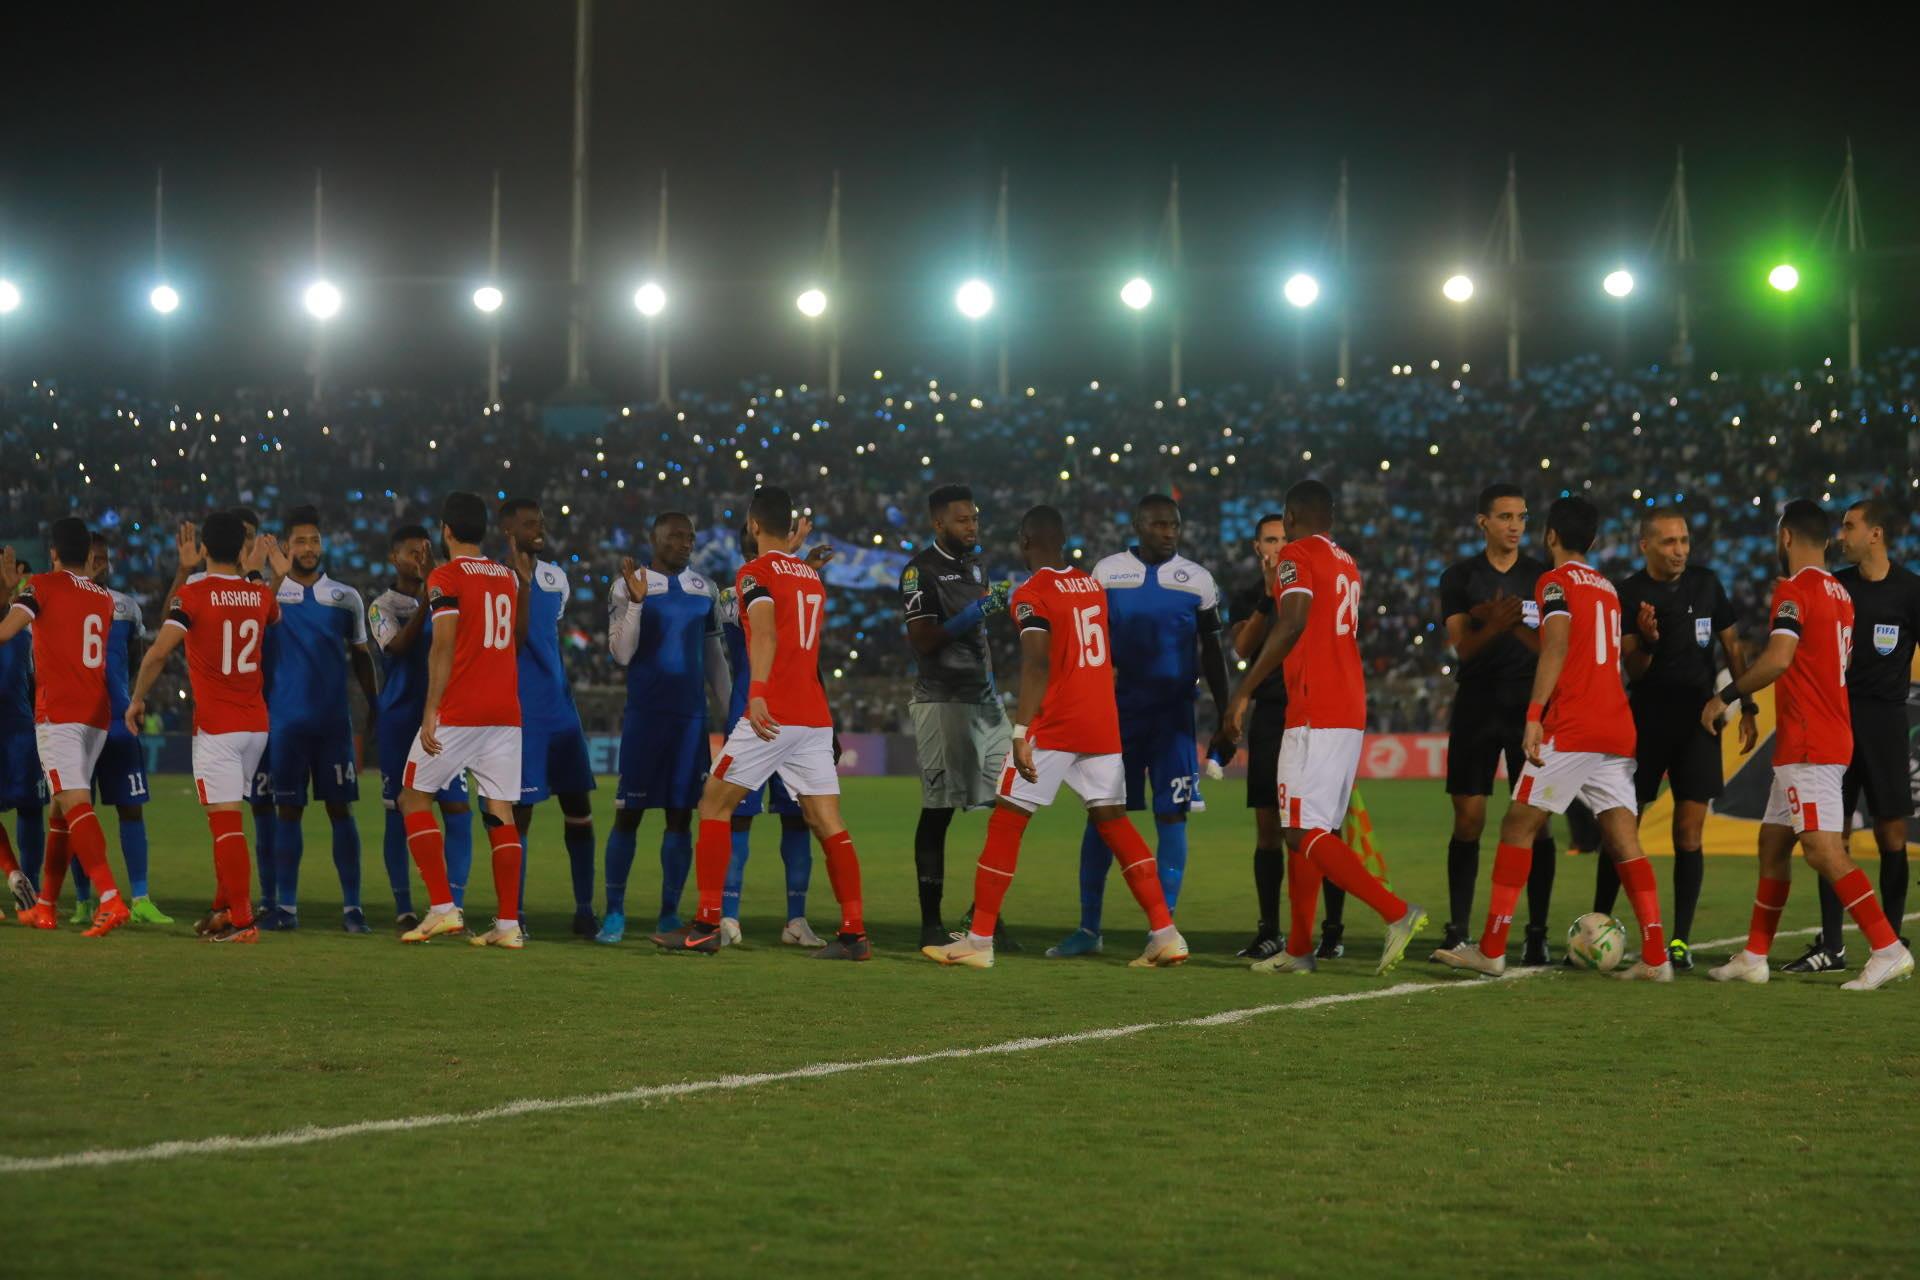 مباراة الهلال السوداني والاهلي المصري